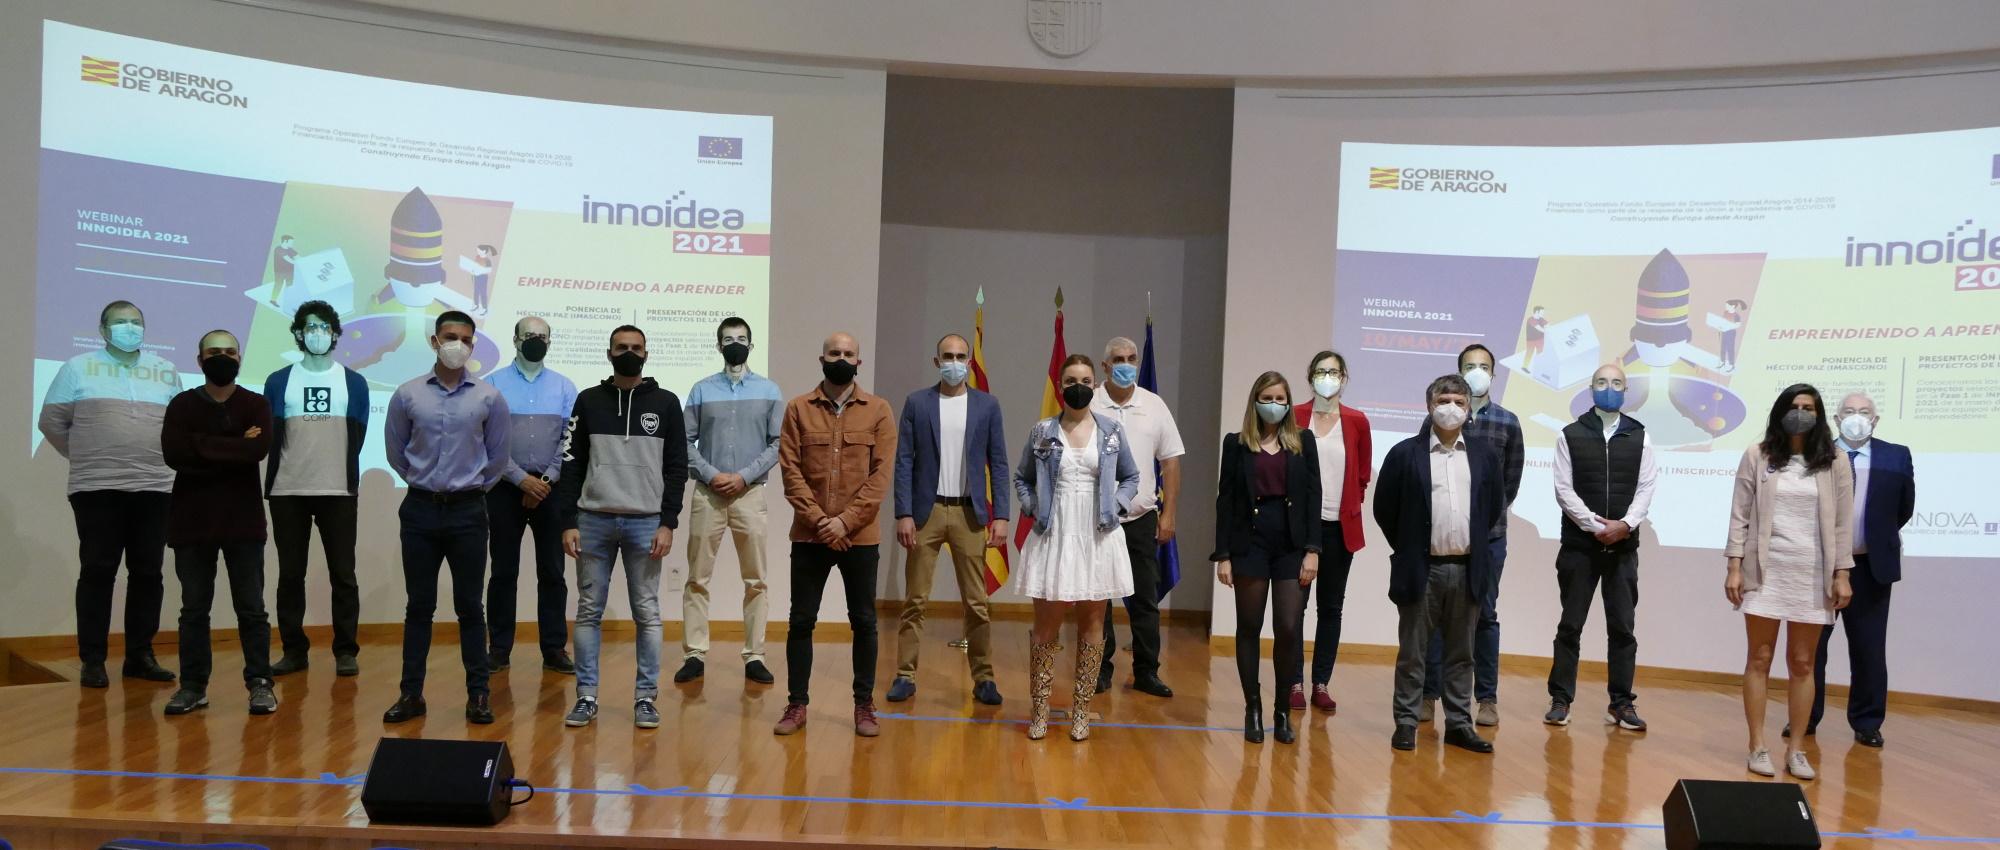 Doce proyectos de emprendedores van a recibir soporte tecnológico de ITAINNOVA en el programa INNOIDEA 2021